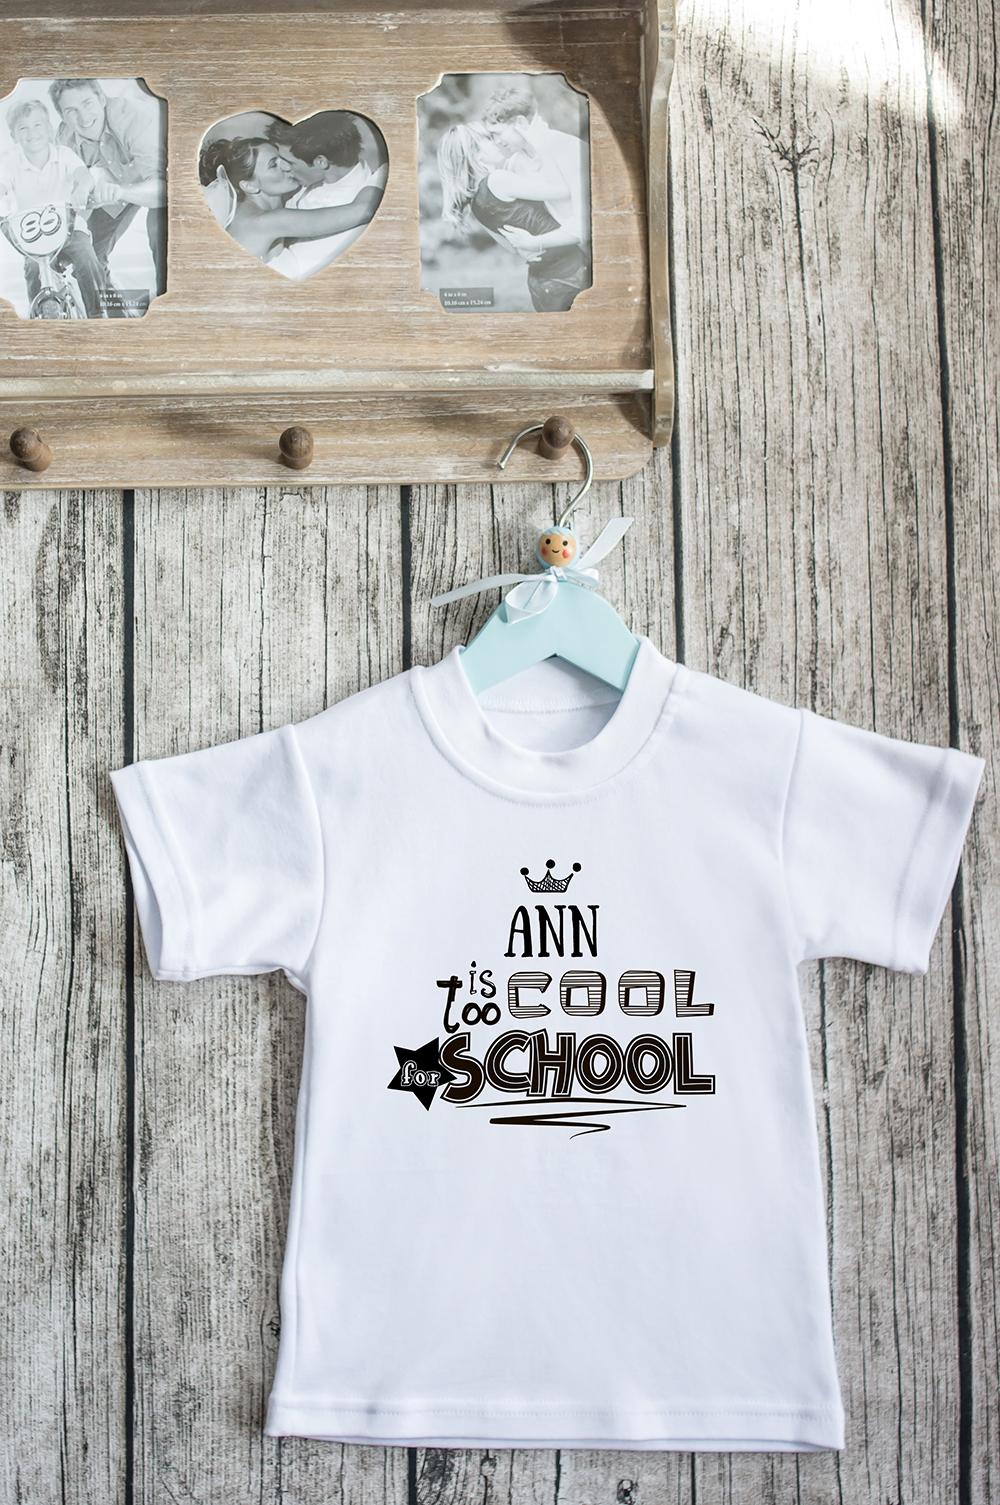 Футболка детская с вашим текстом Too cool for school1 сентября<br>100% хлопок, белая, с нанесением текста. Товар является маломерным<br>